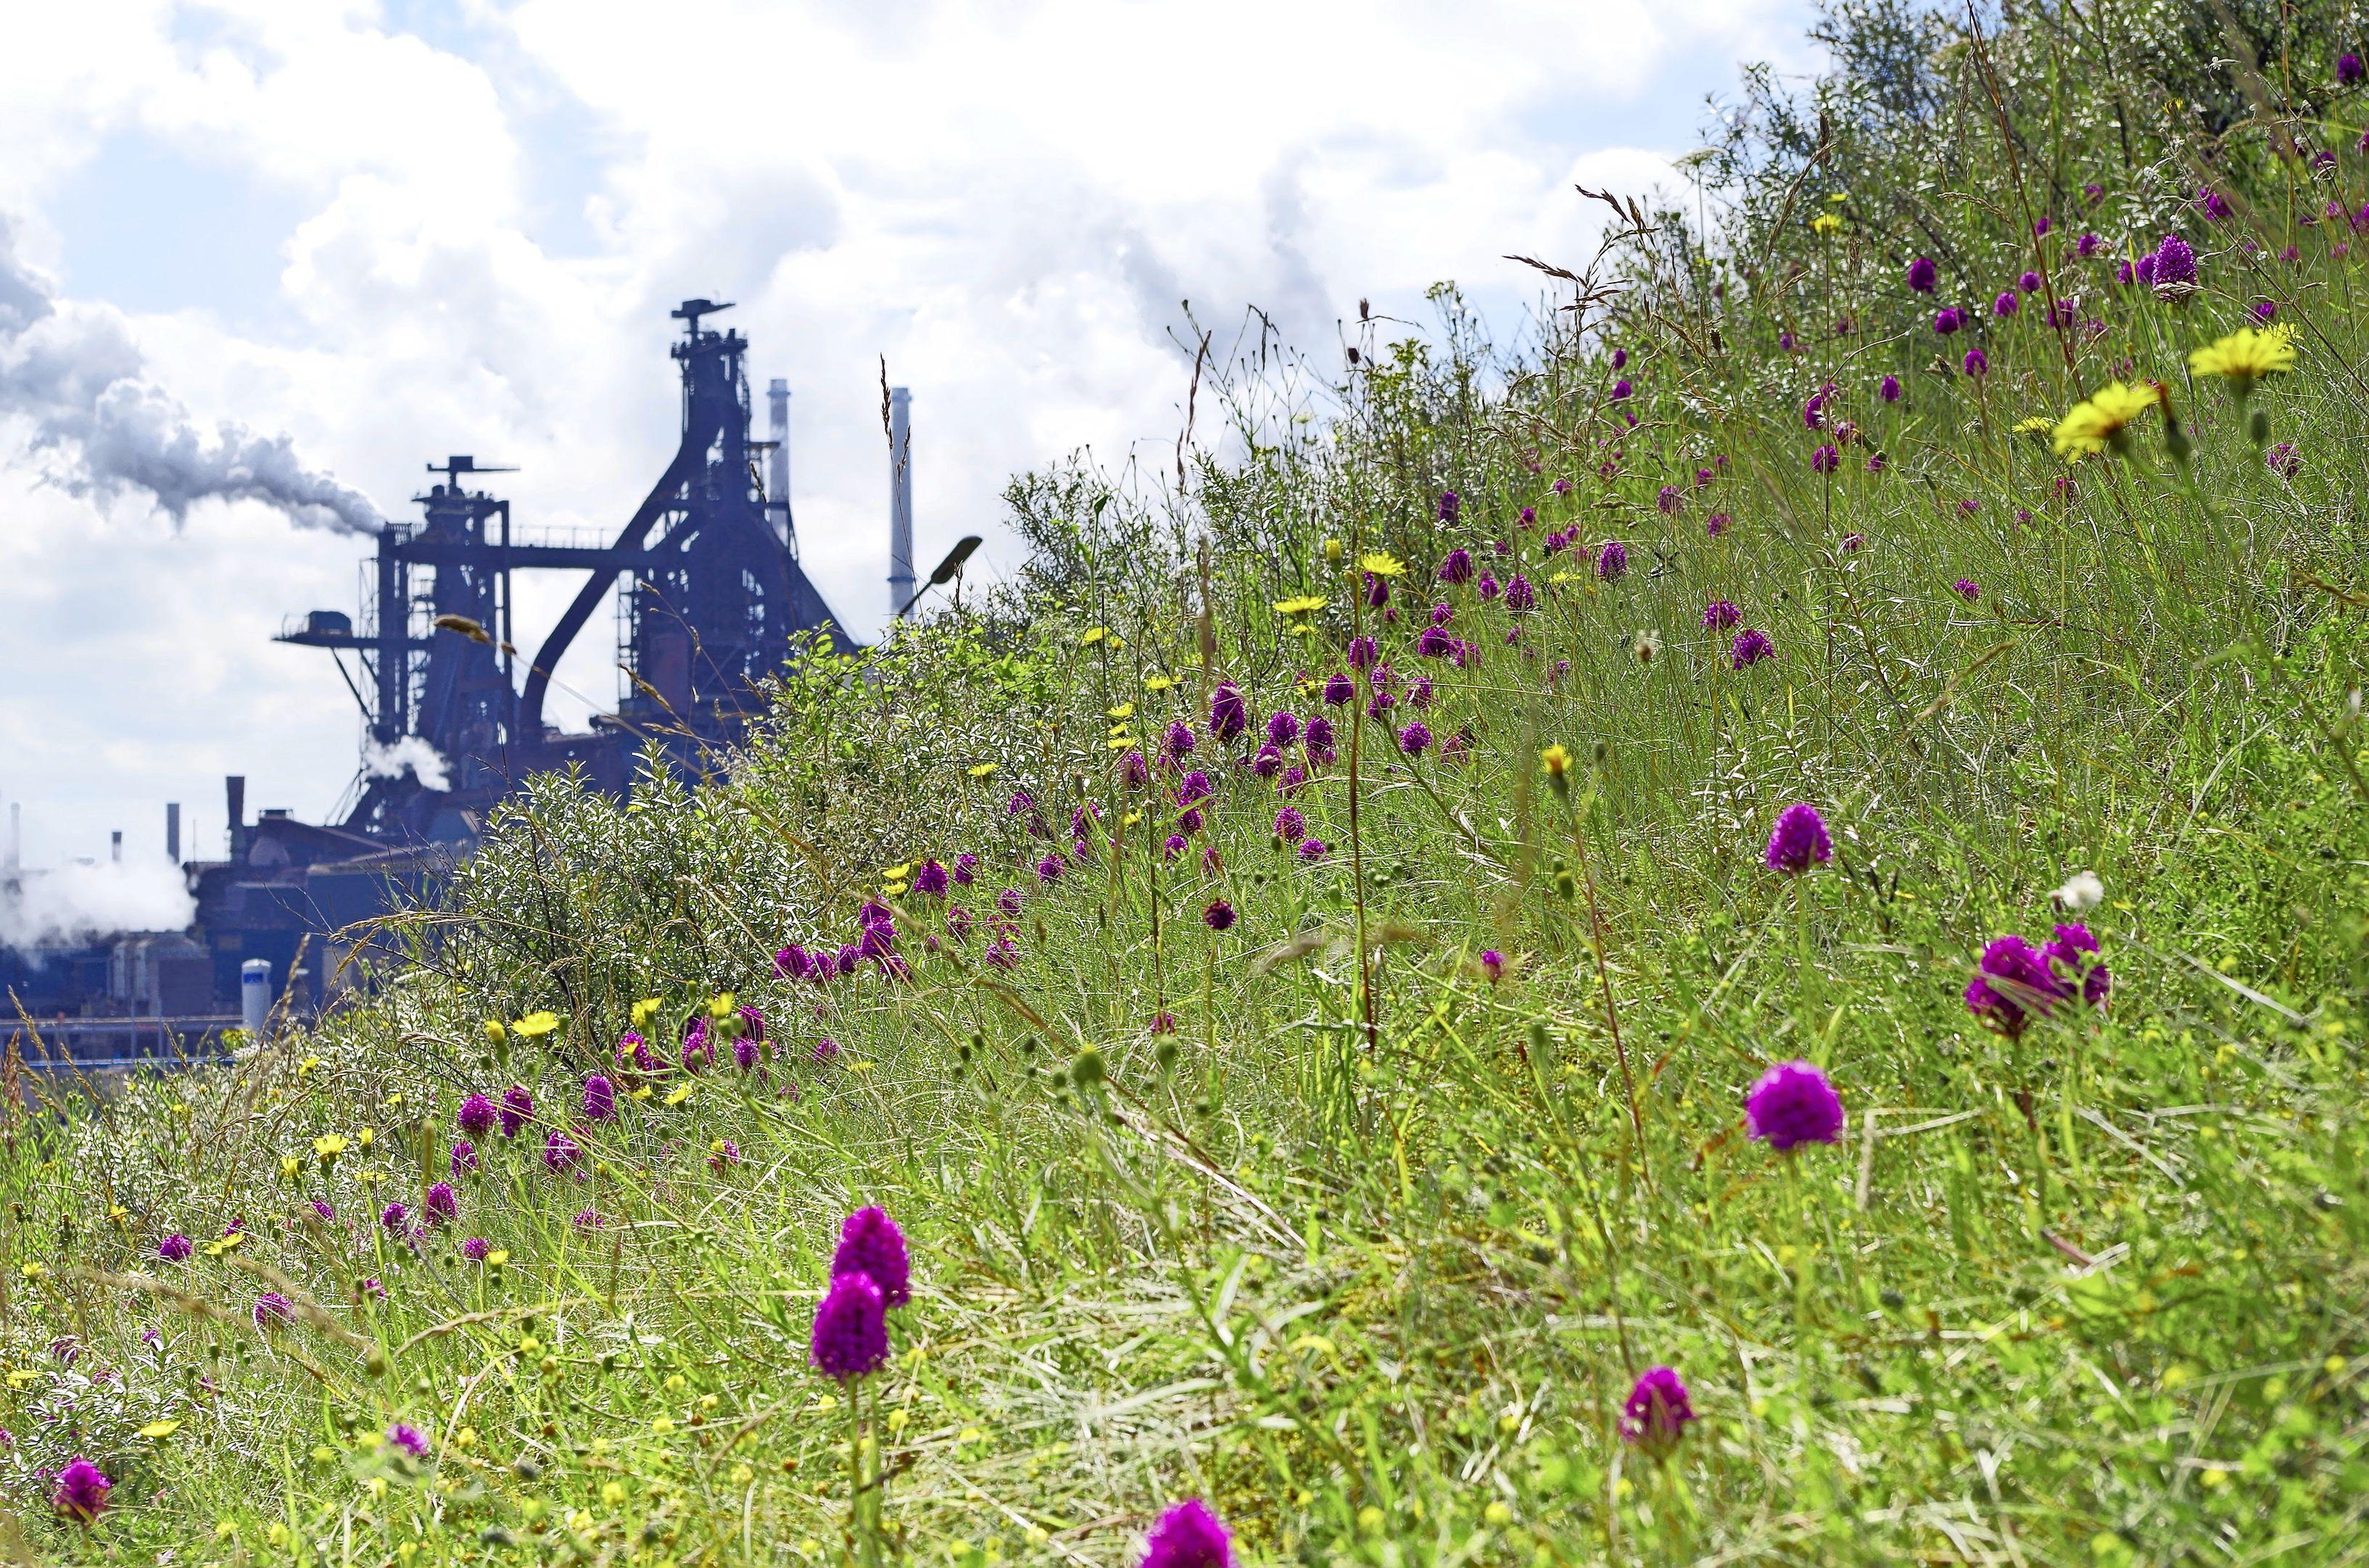 Bijzondere natuur bij staalbedrijf Tata Steel. Ook de ijsvogel is sinds donderdag weer te bewonderen via een cam